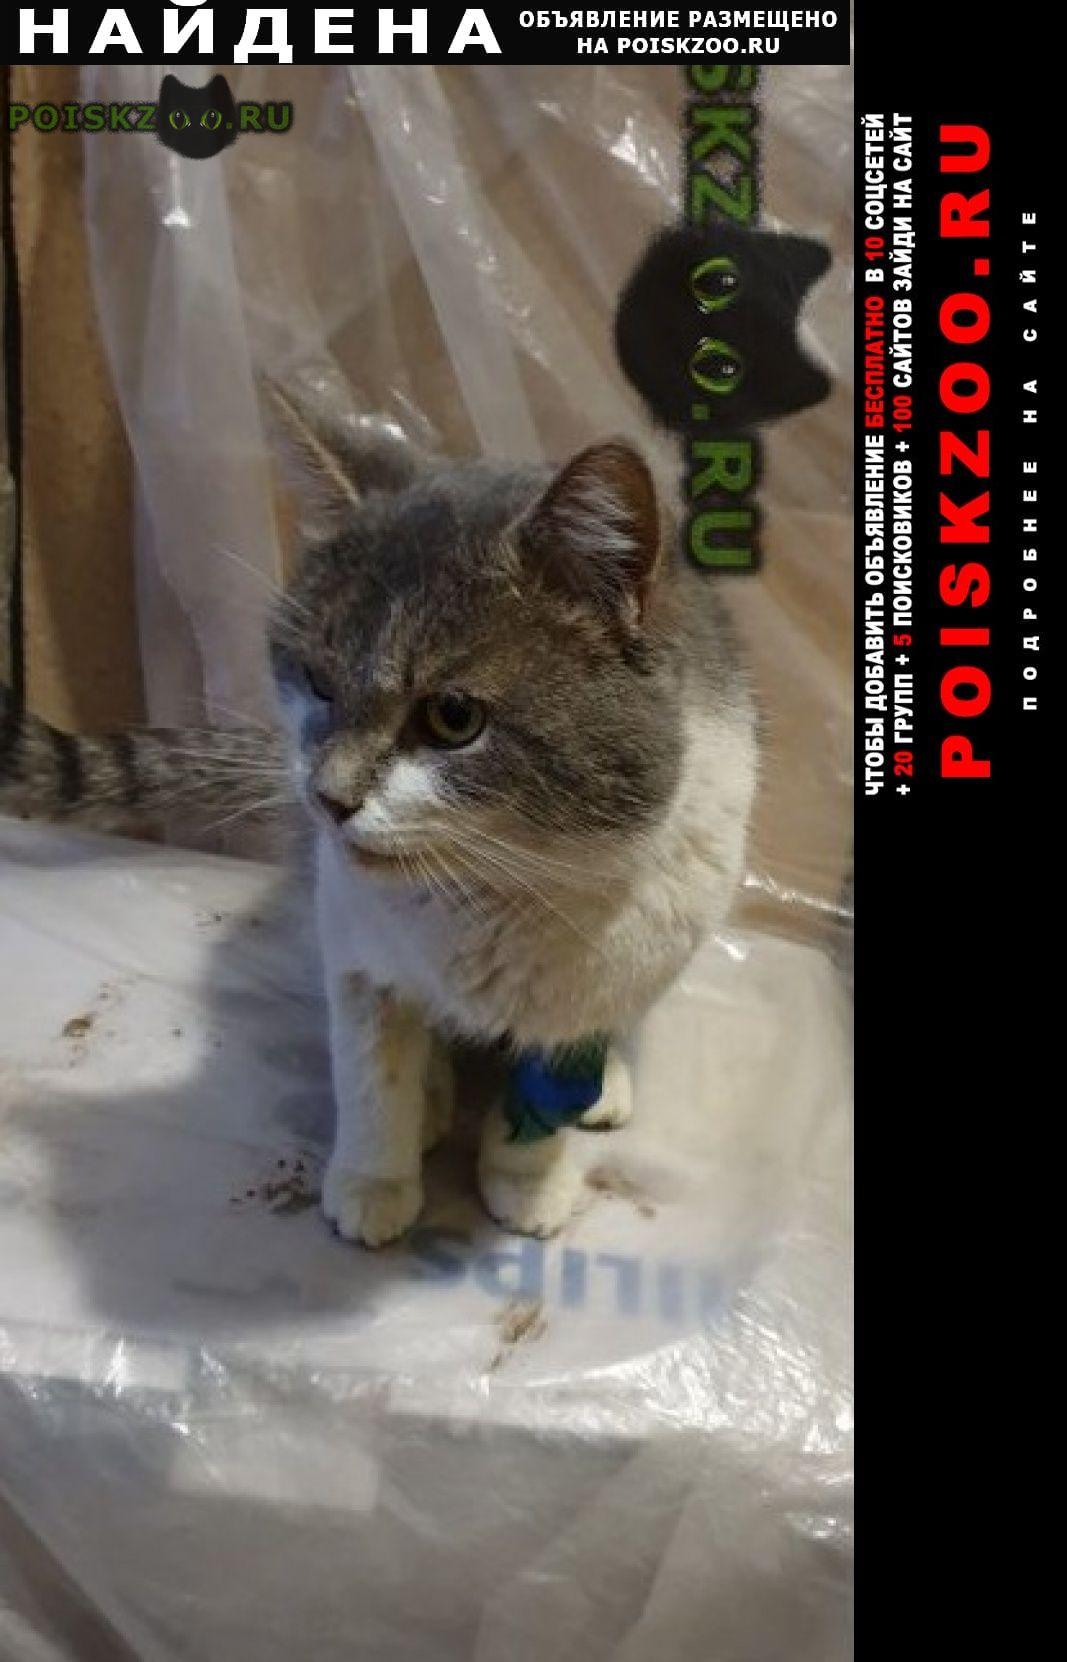 Найден кот г.Саратов